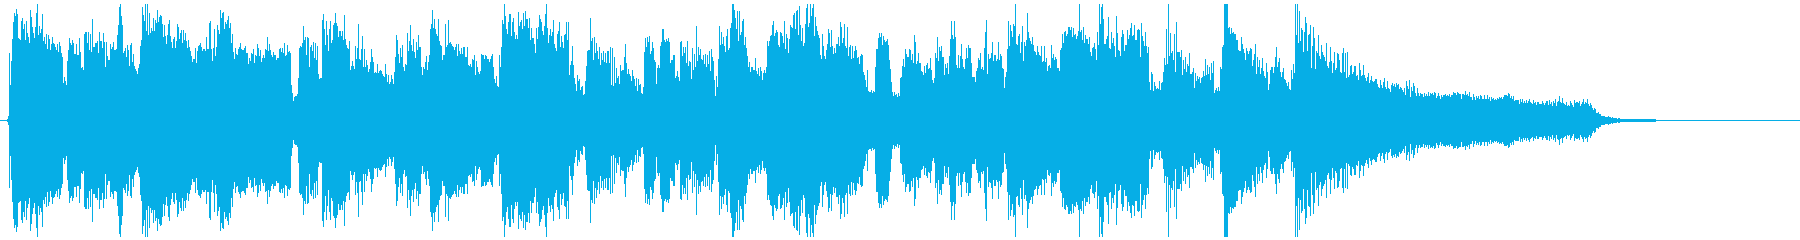 CM向けのオープニング感ある明るいジャズの再生済みの波形